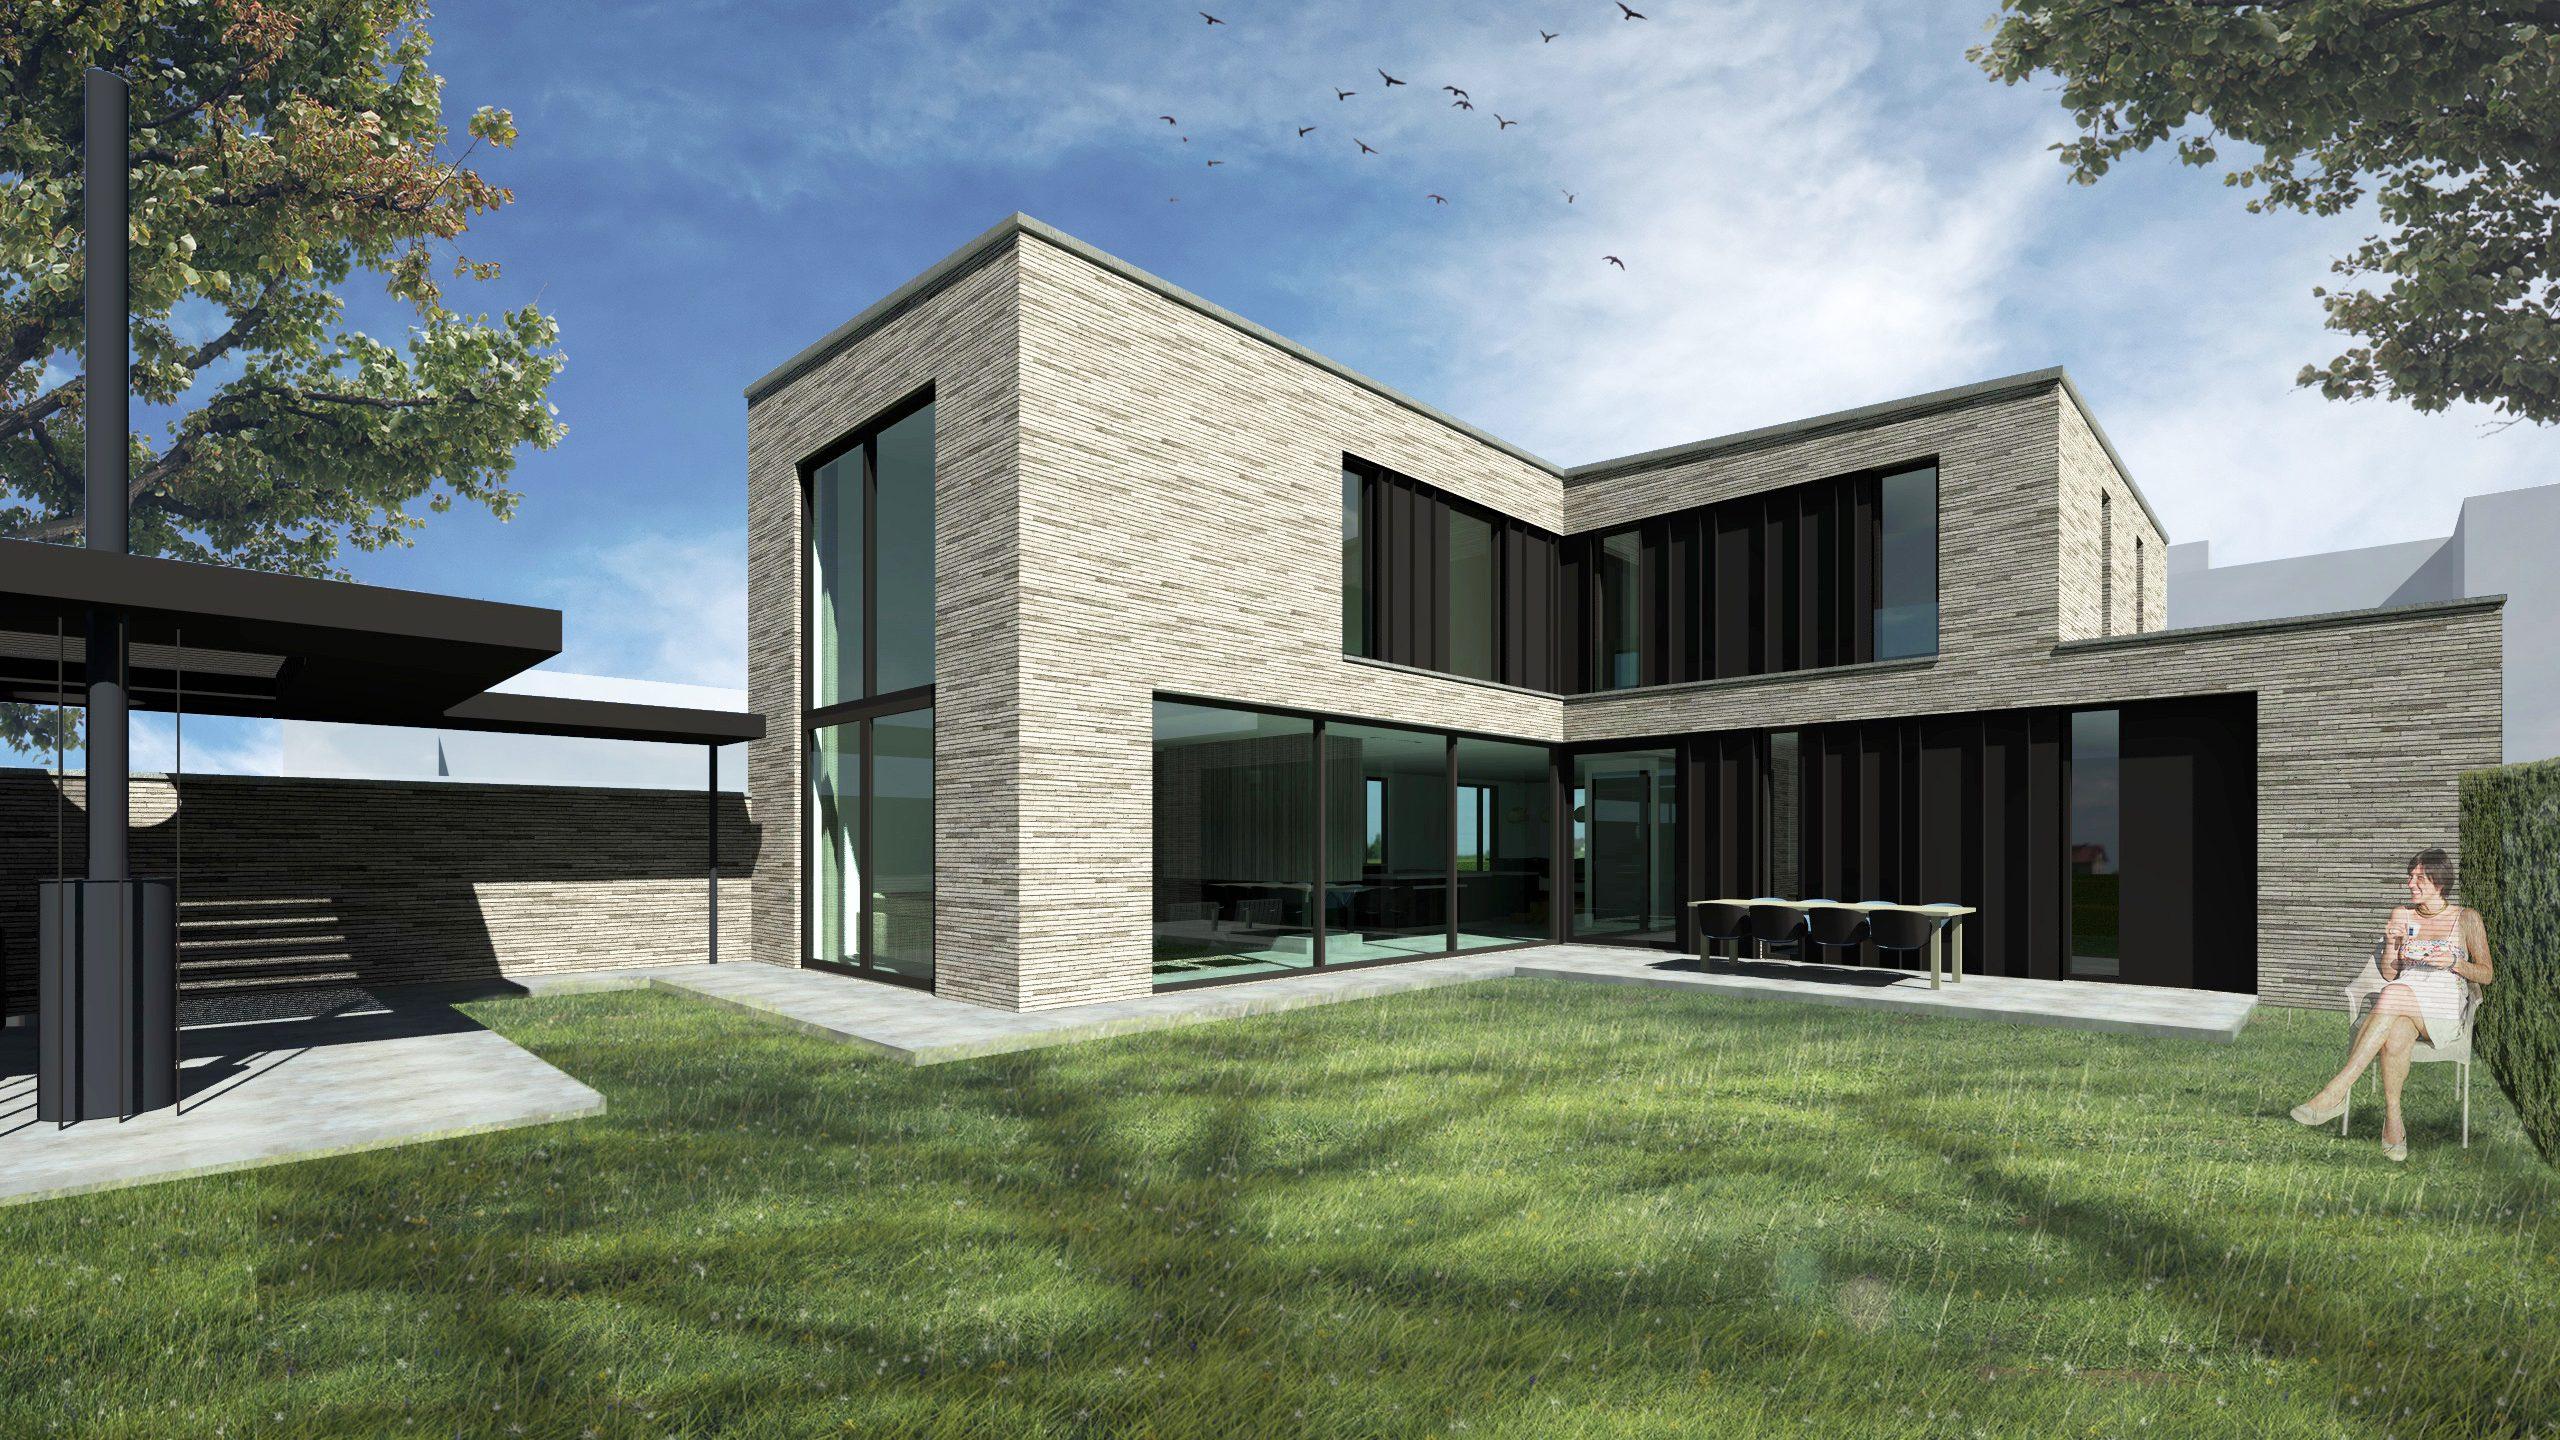 villa eindhoven strijp-R Swkls Architects